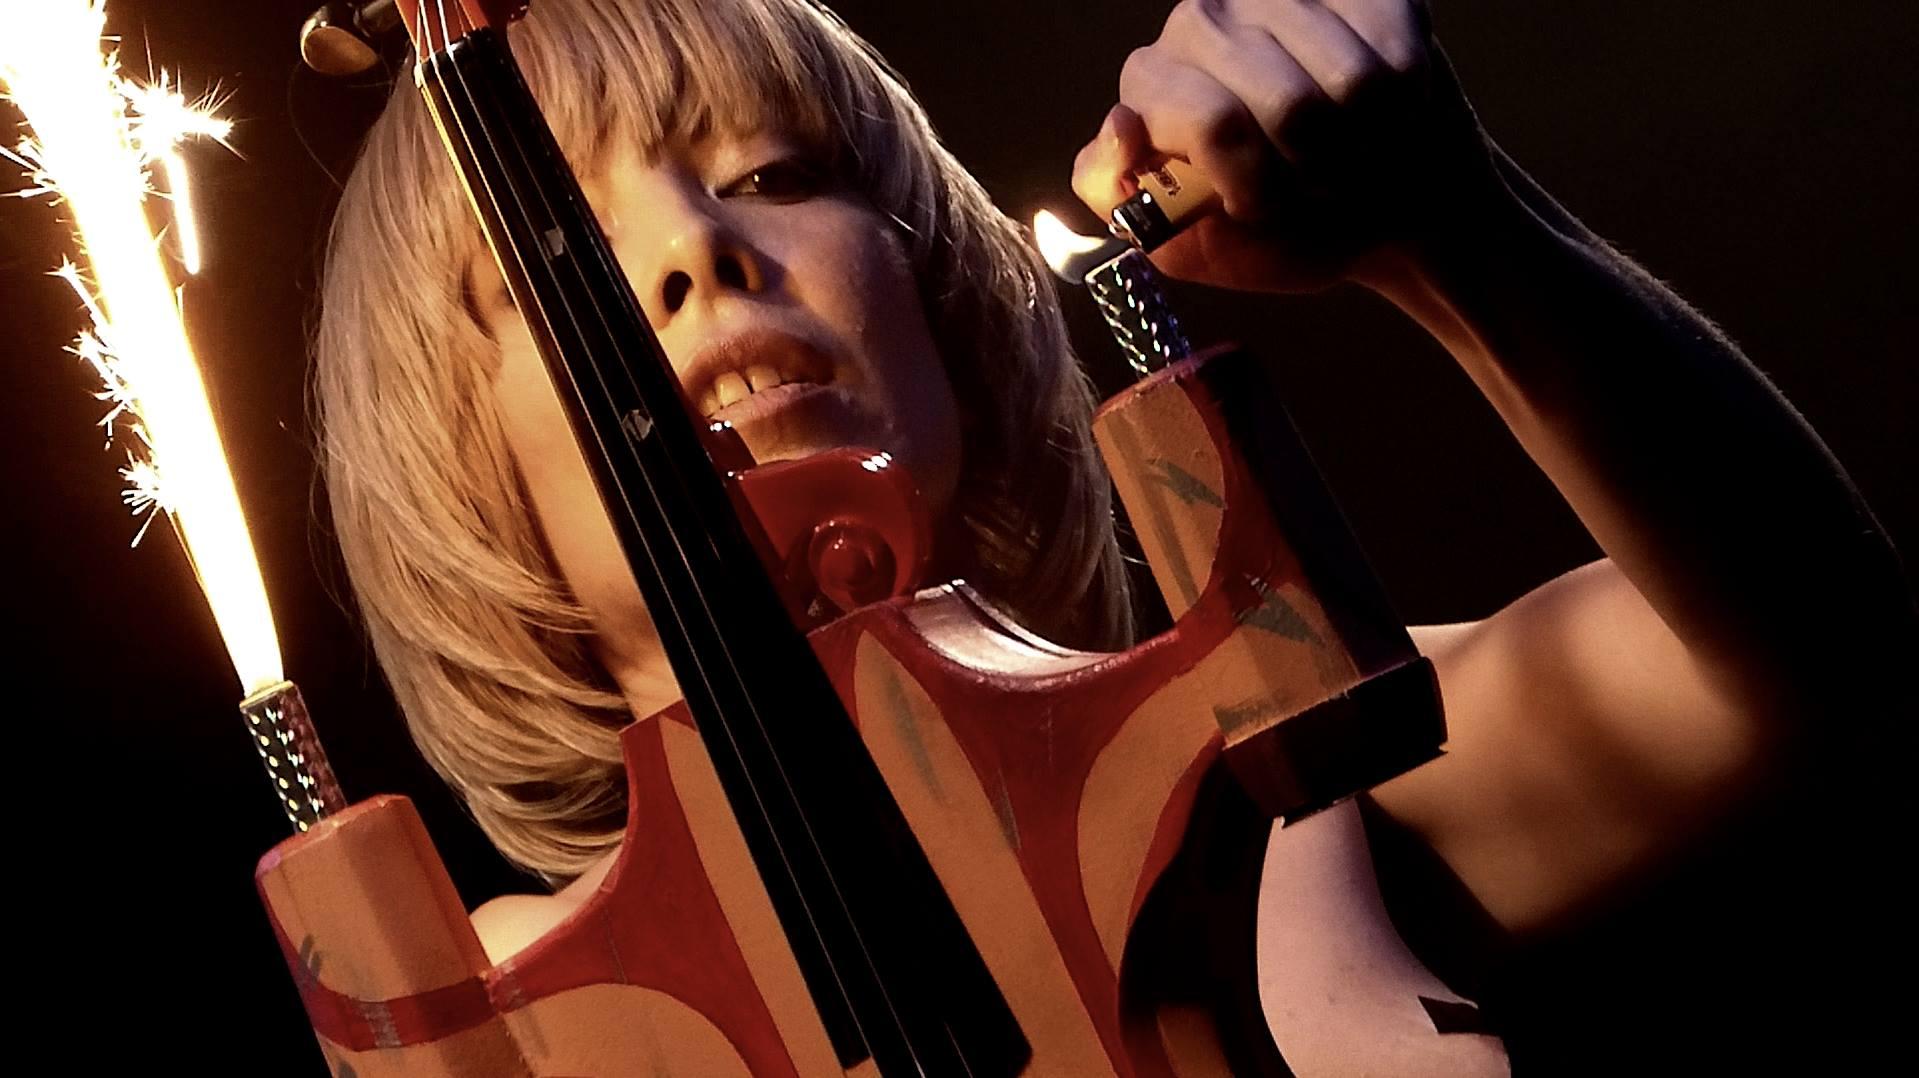 Diamondback Annie - Skywalker OG by Kevin Campbell - lighting the Landshredder violin.jpg